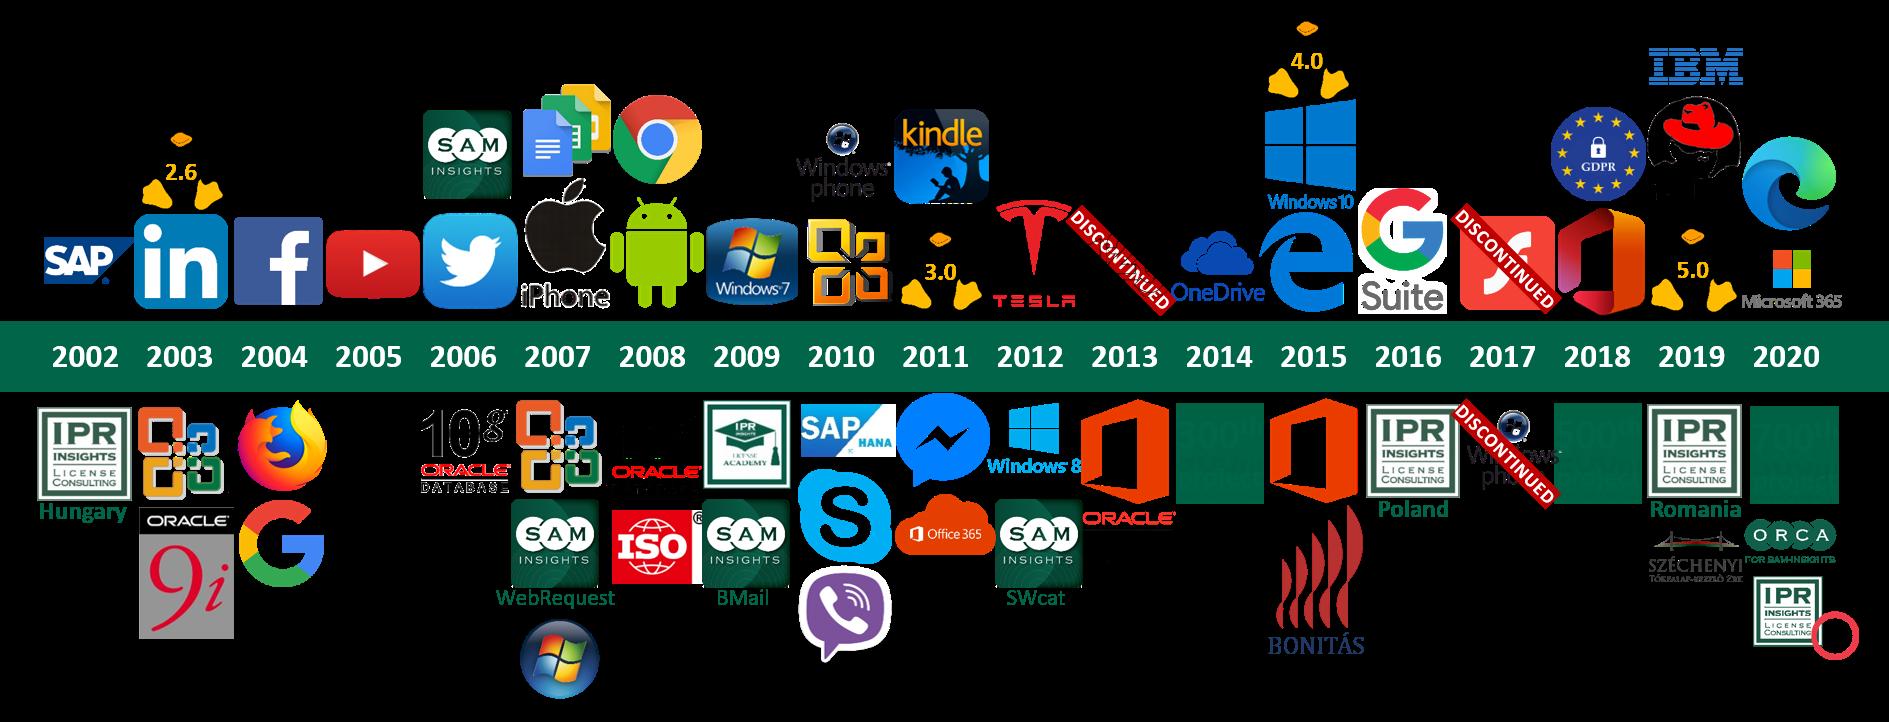 IPR-Insights 18: 2002-2020 timeline